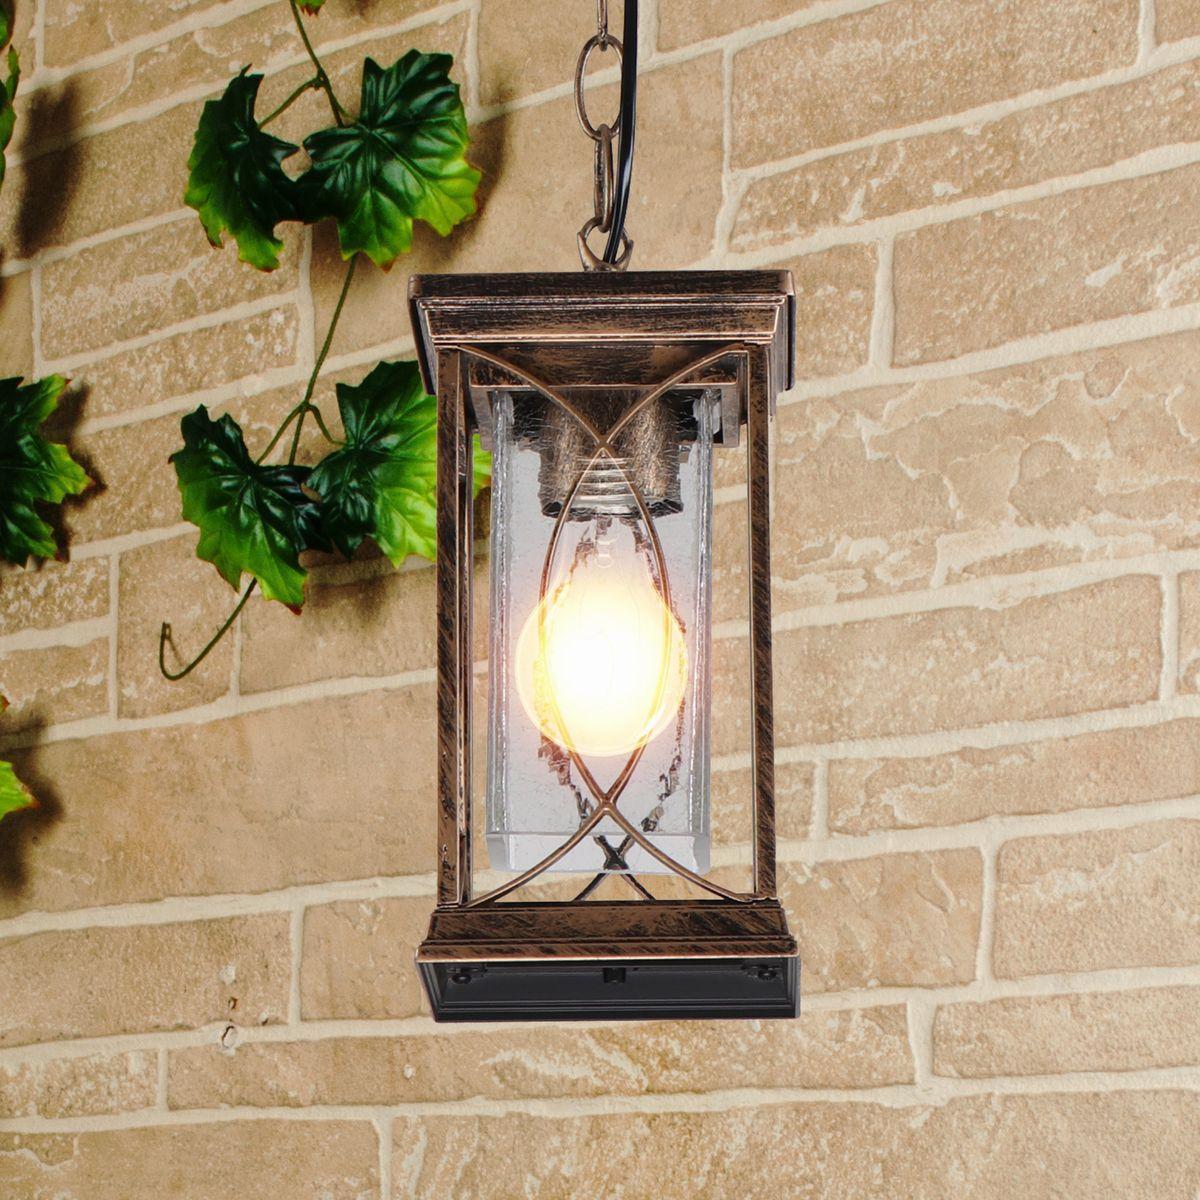 Уличный подвесной светильник Elektrostandard Spica H черное золото GL 1026H 4690389150159